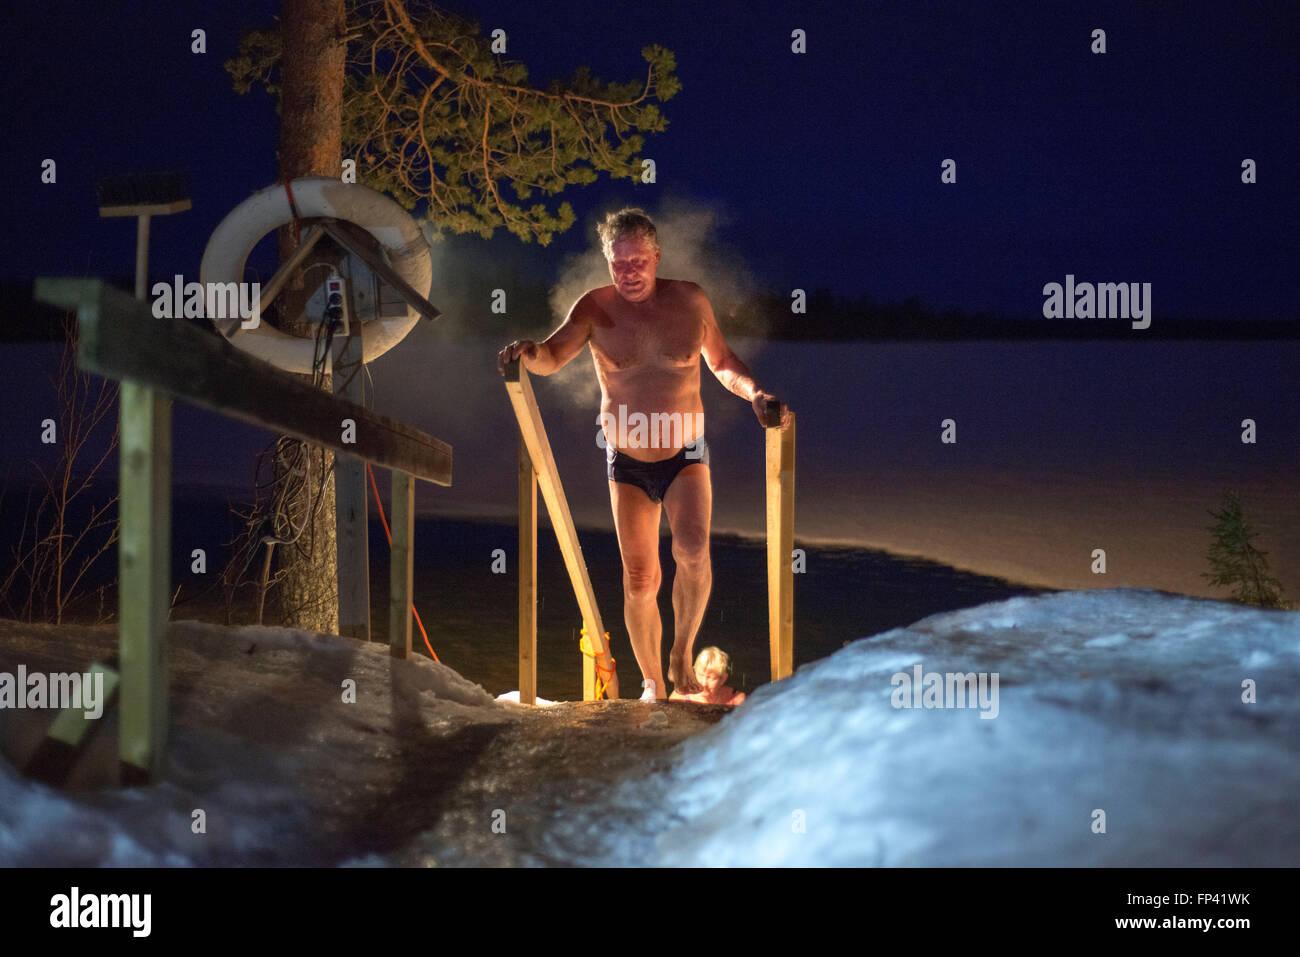 La gente toma un sauna en una cabaña junto al río Kemi, Salla, Laponia, Finlandia. Impresionante experiencia de sauna. Una Saun finlandés Foto de stock